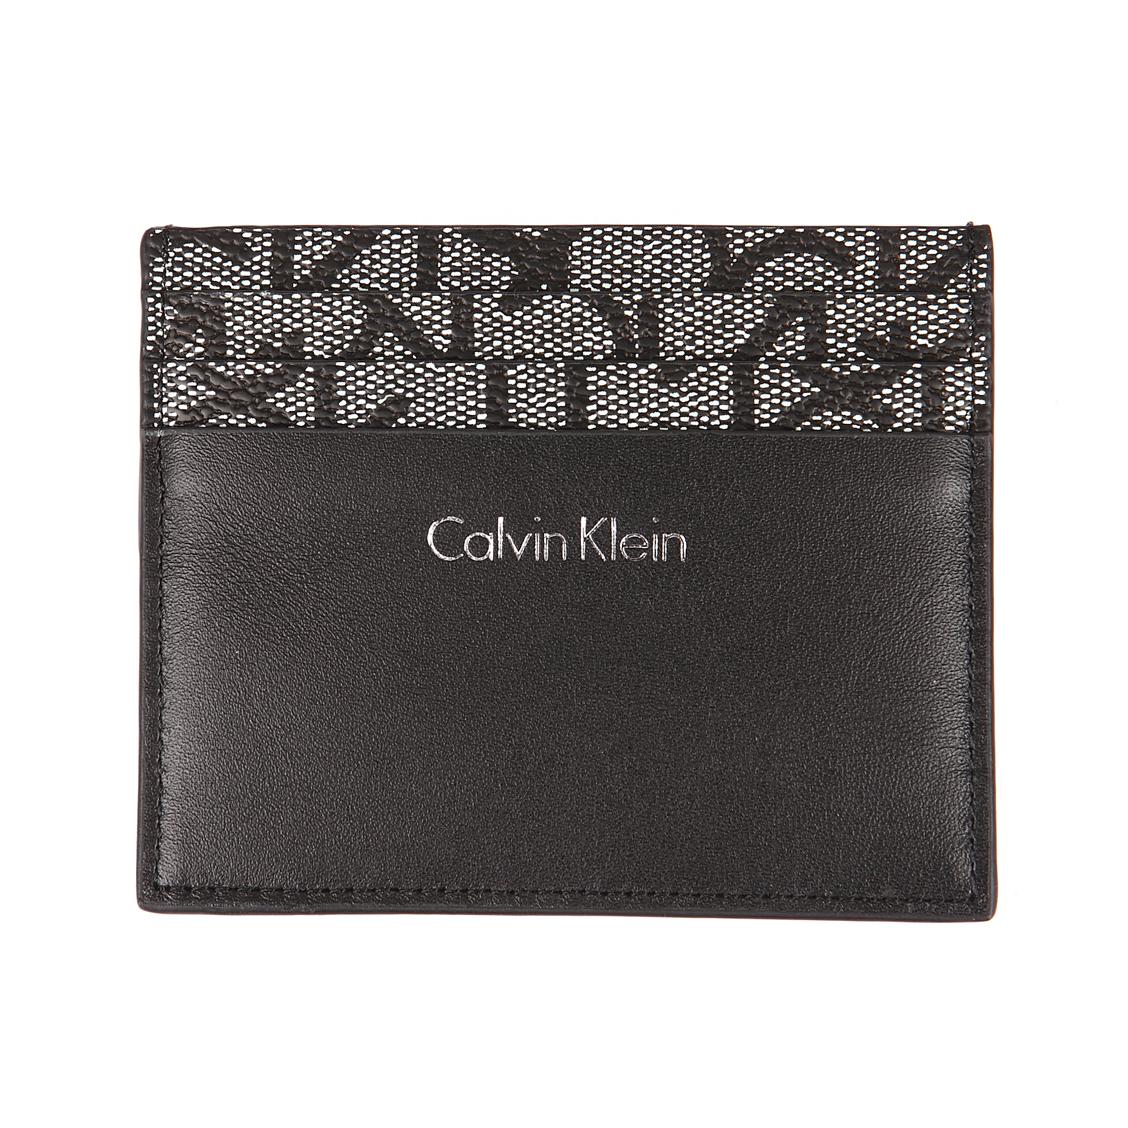 Porte-cartes calvin klein jeans greg mono noir monogrammé